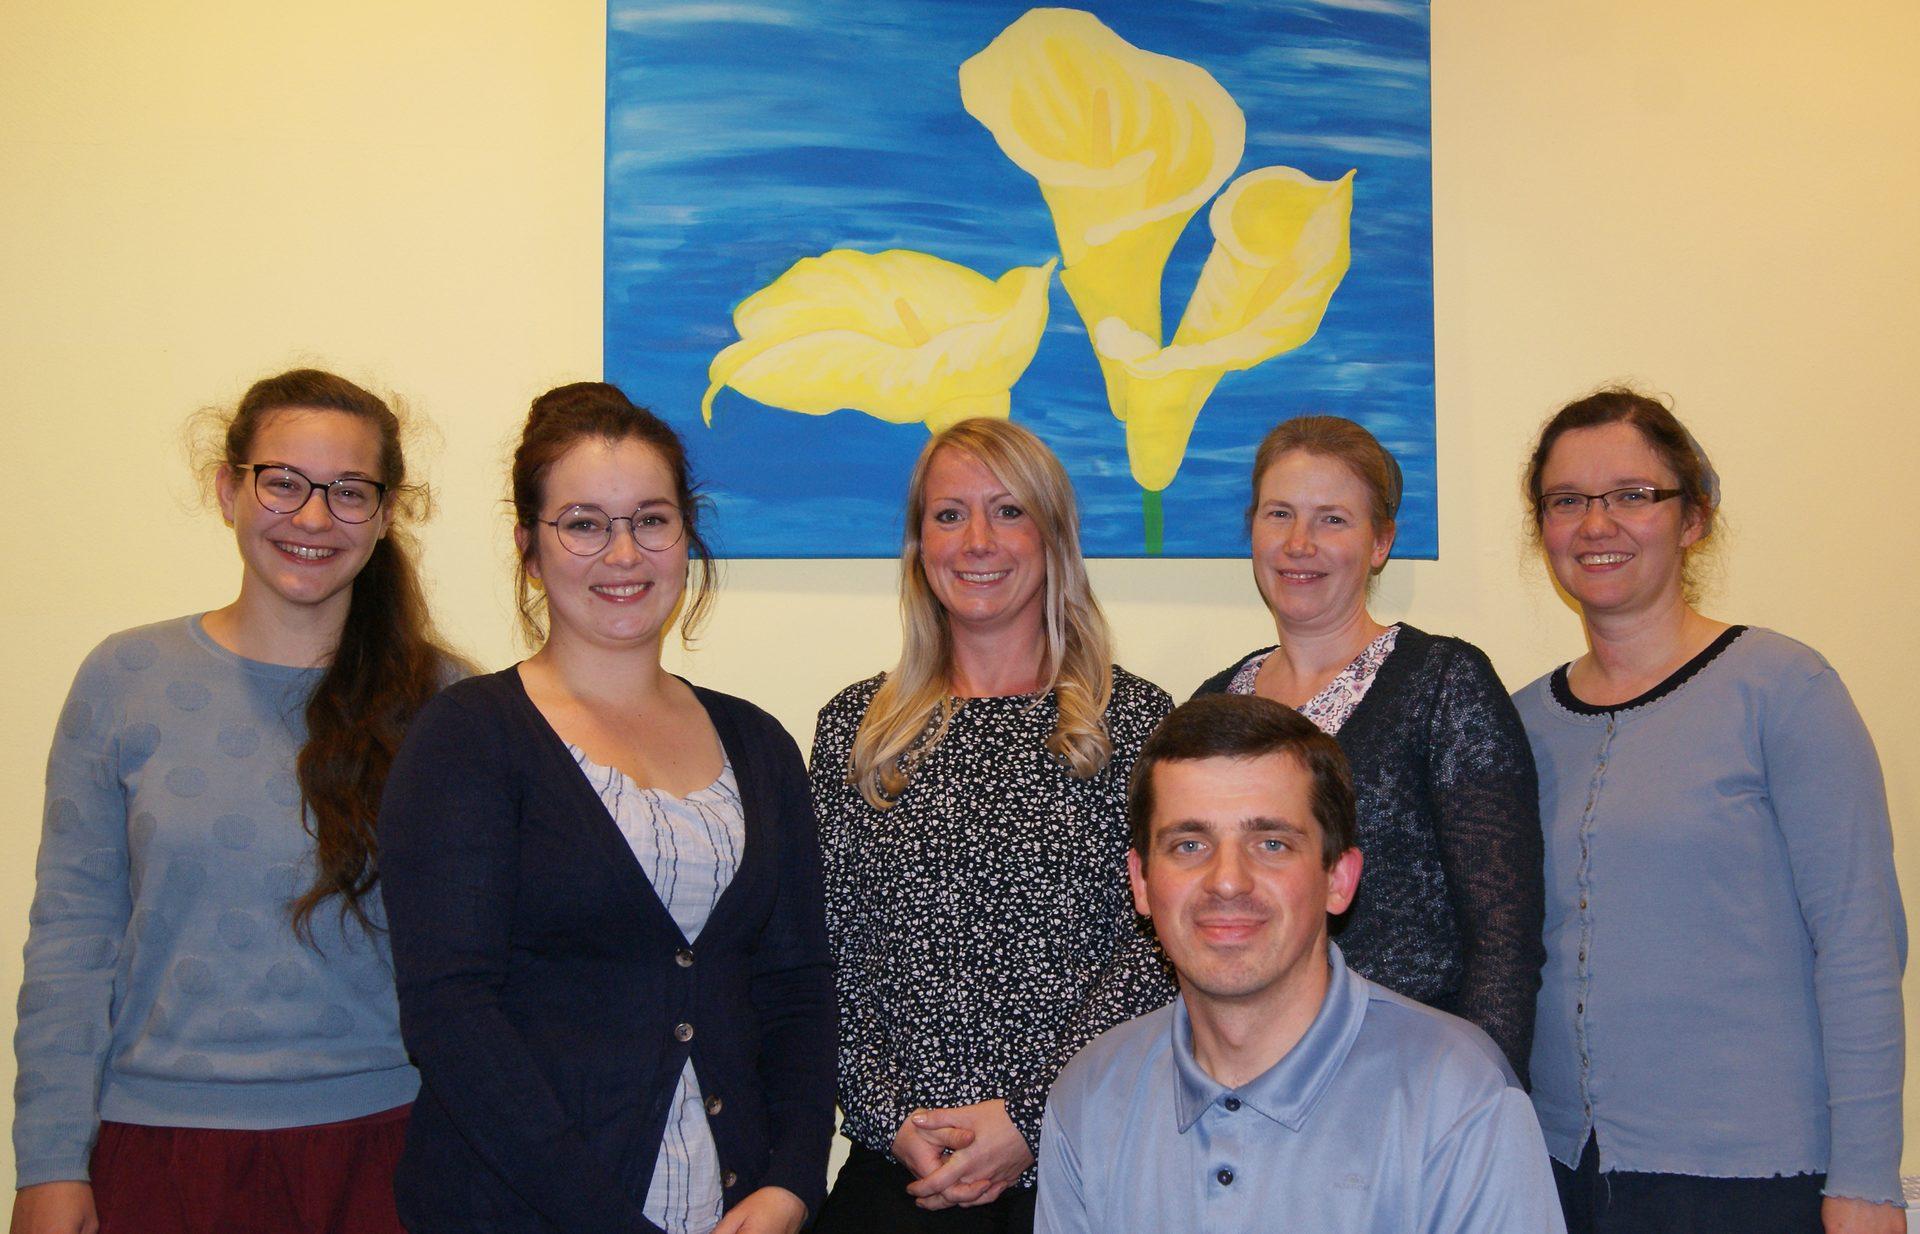 Das Team der Ergotherapie-Praxis Janzen in Kierspe